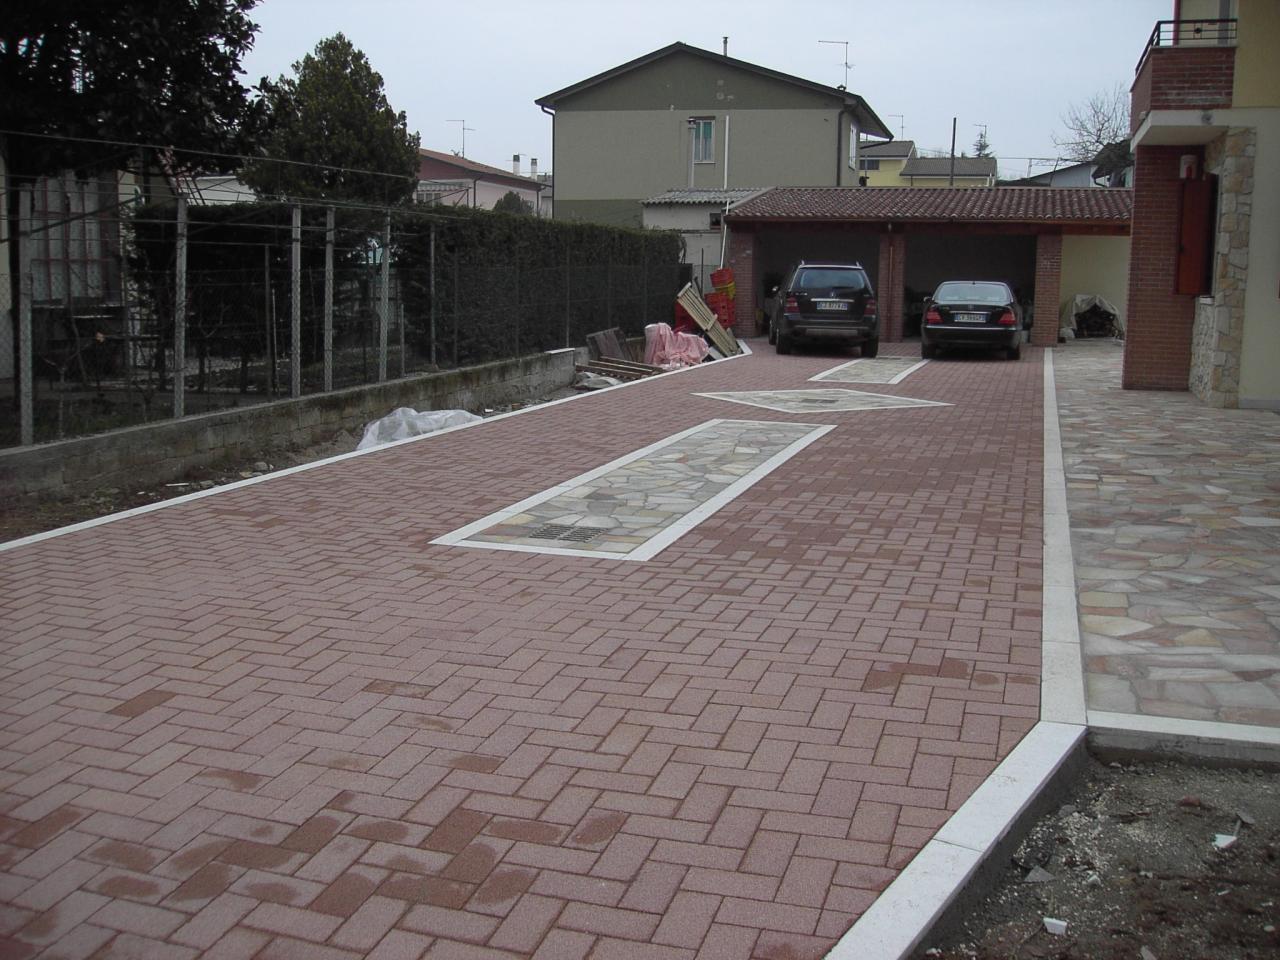 Betonella O Autobloccanti In Cemento Per Pavimenti Esterni